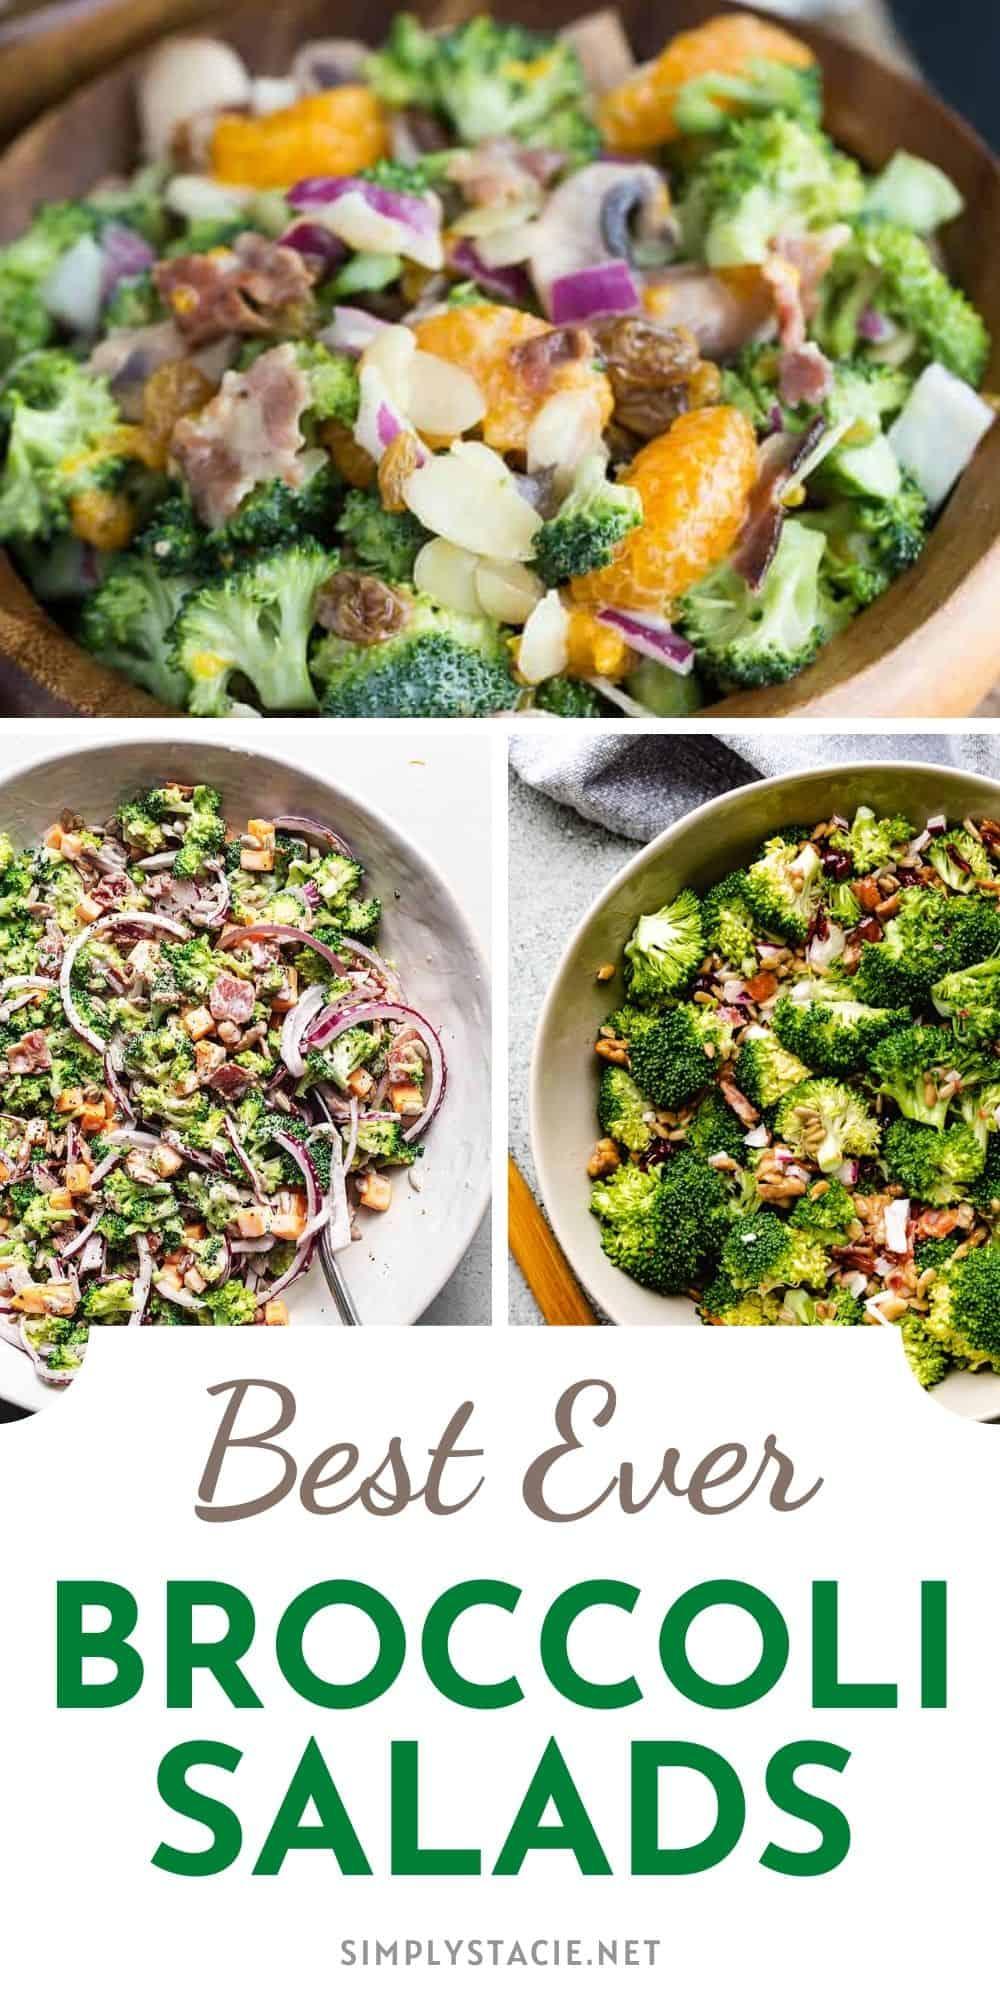 Best Ever Broccoli Salads